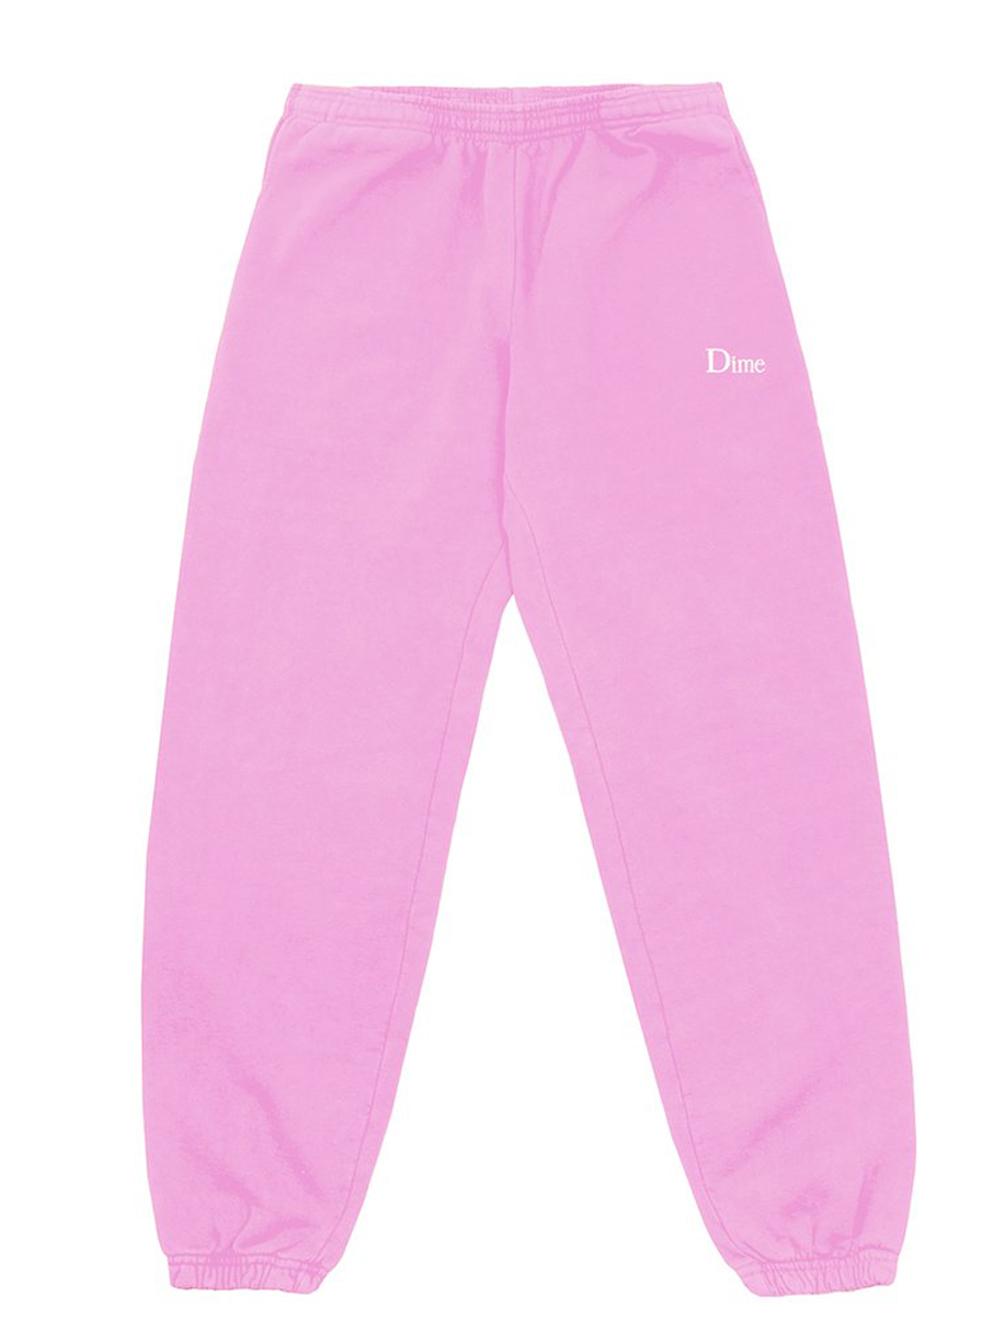 Pantaloni con logo rosa Unisex in Cotone DIME | Pantaloni | DIME5006LTPI